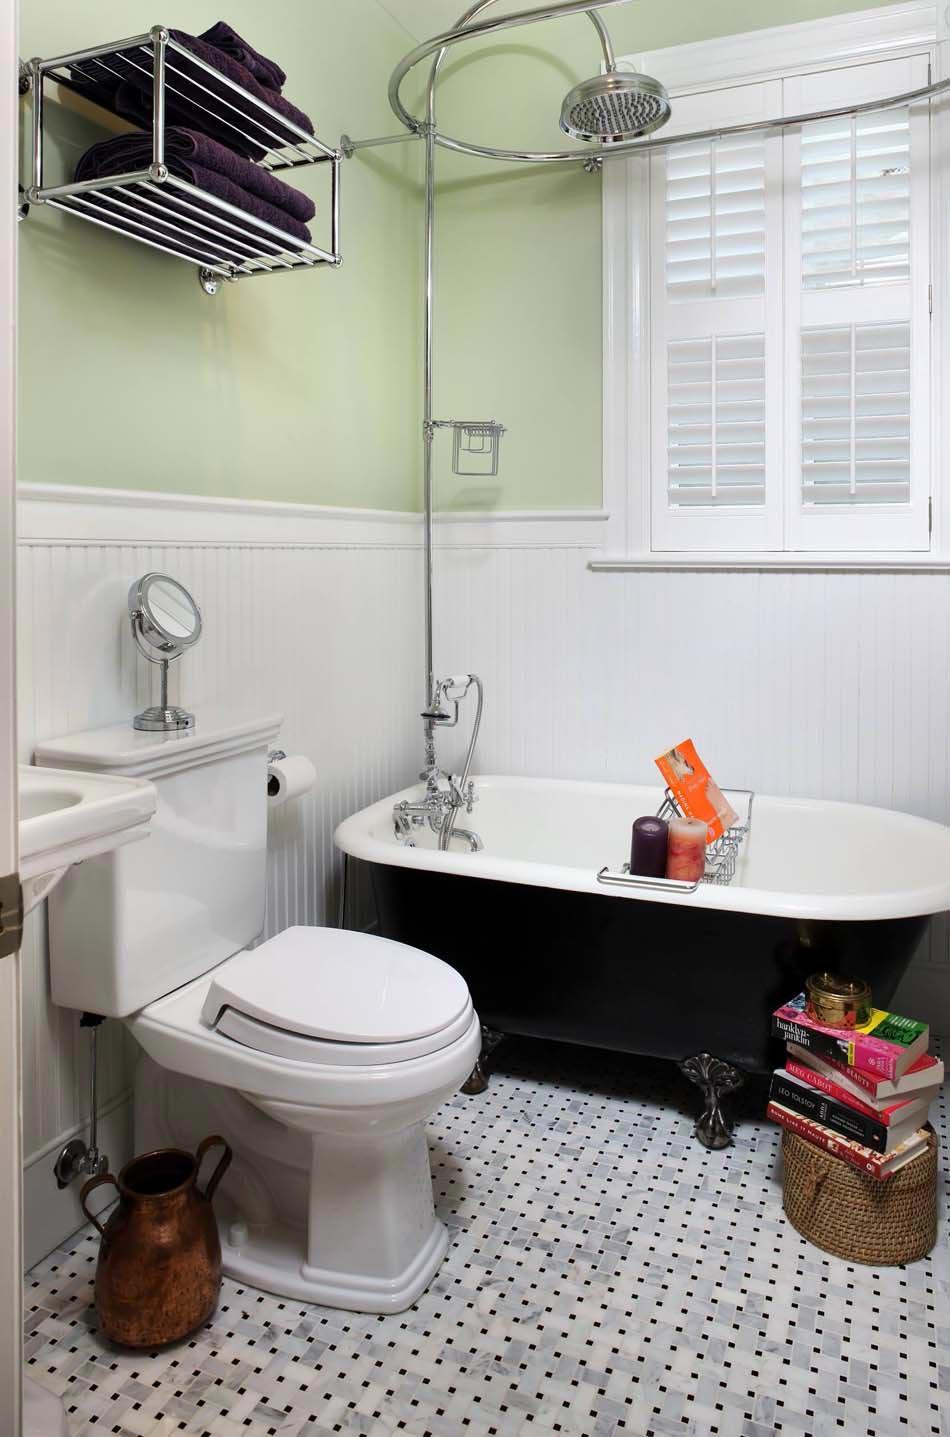 Baignoire de couleur pour relooker et embellir votre salle de bains design feria for Petite salle de bain design avec baignoire